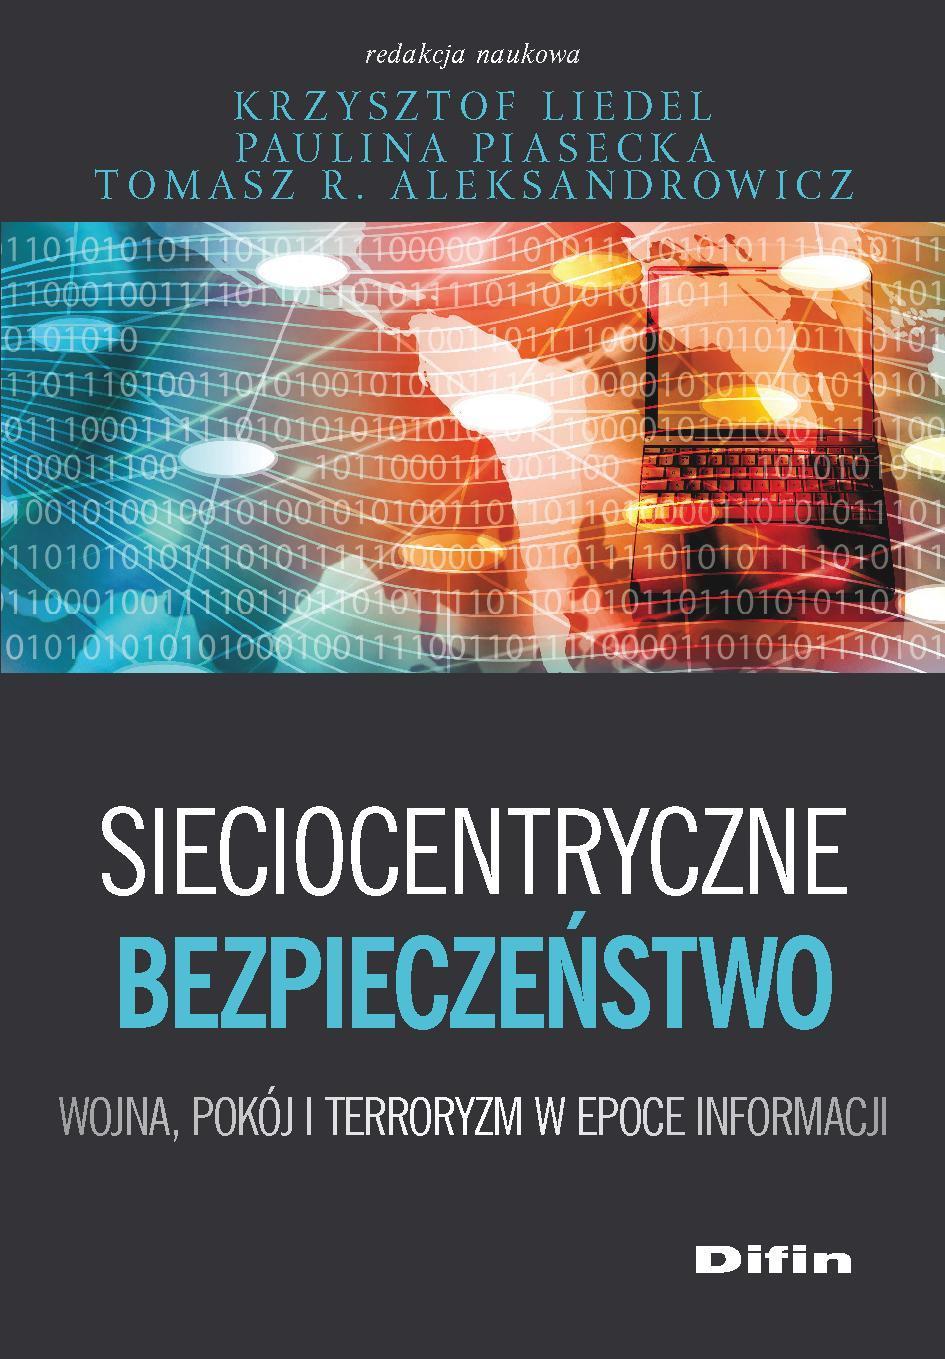 Sieciocentryczne bezpieczeństwo. Wojna, pokój i terroryzm w epoce informacji - Ebook (Książka PDF) do pobrania w formacie PDF